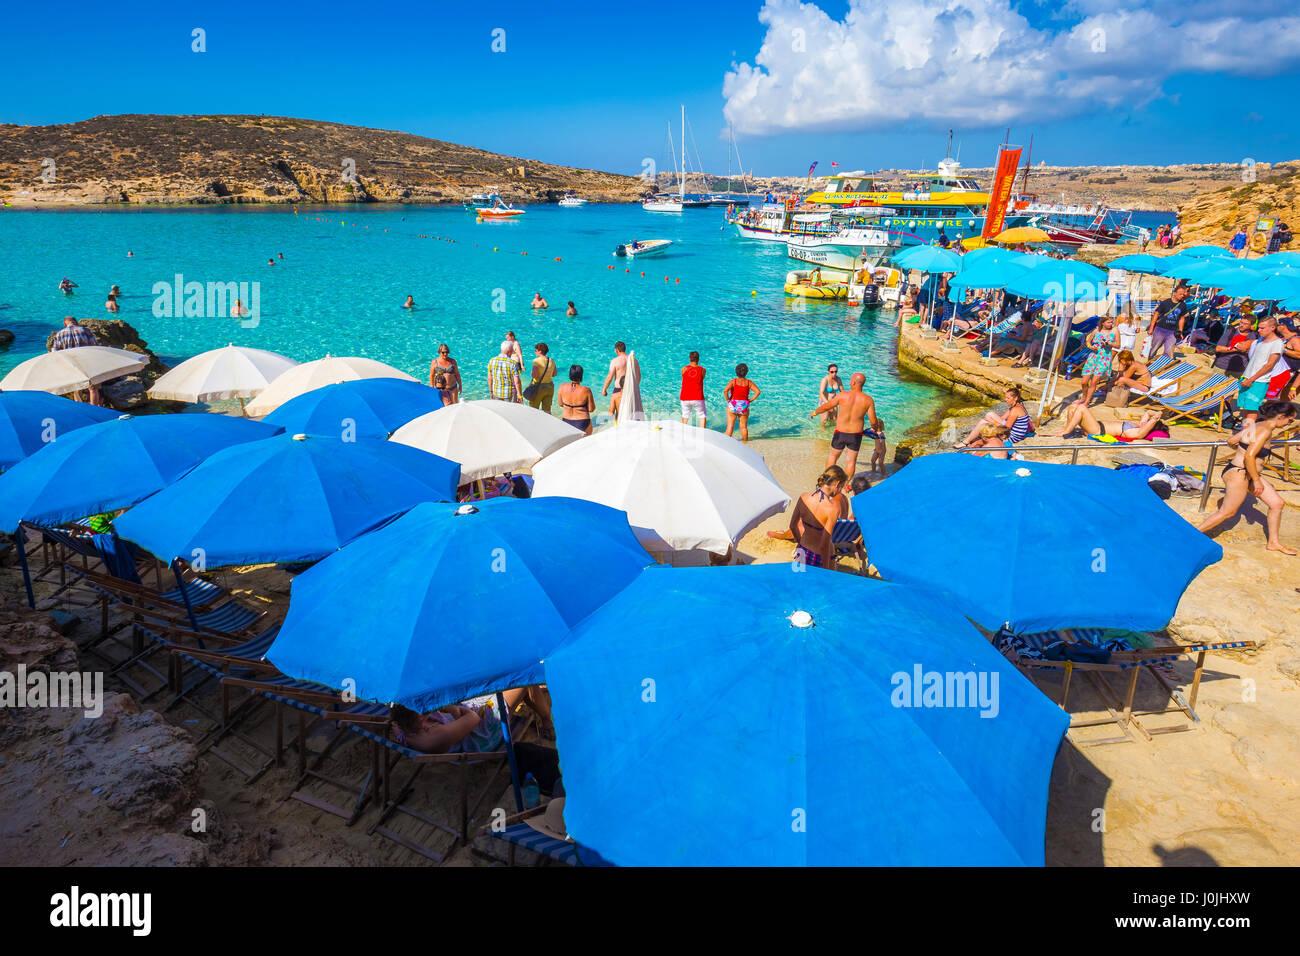 Laguna Azul, comino, MALTA - Octubre 18, 2016: multitud de turistas para disfrutar de las aguas cristalinas de color Imagen De Stock